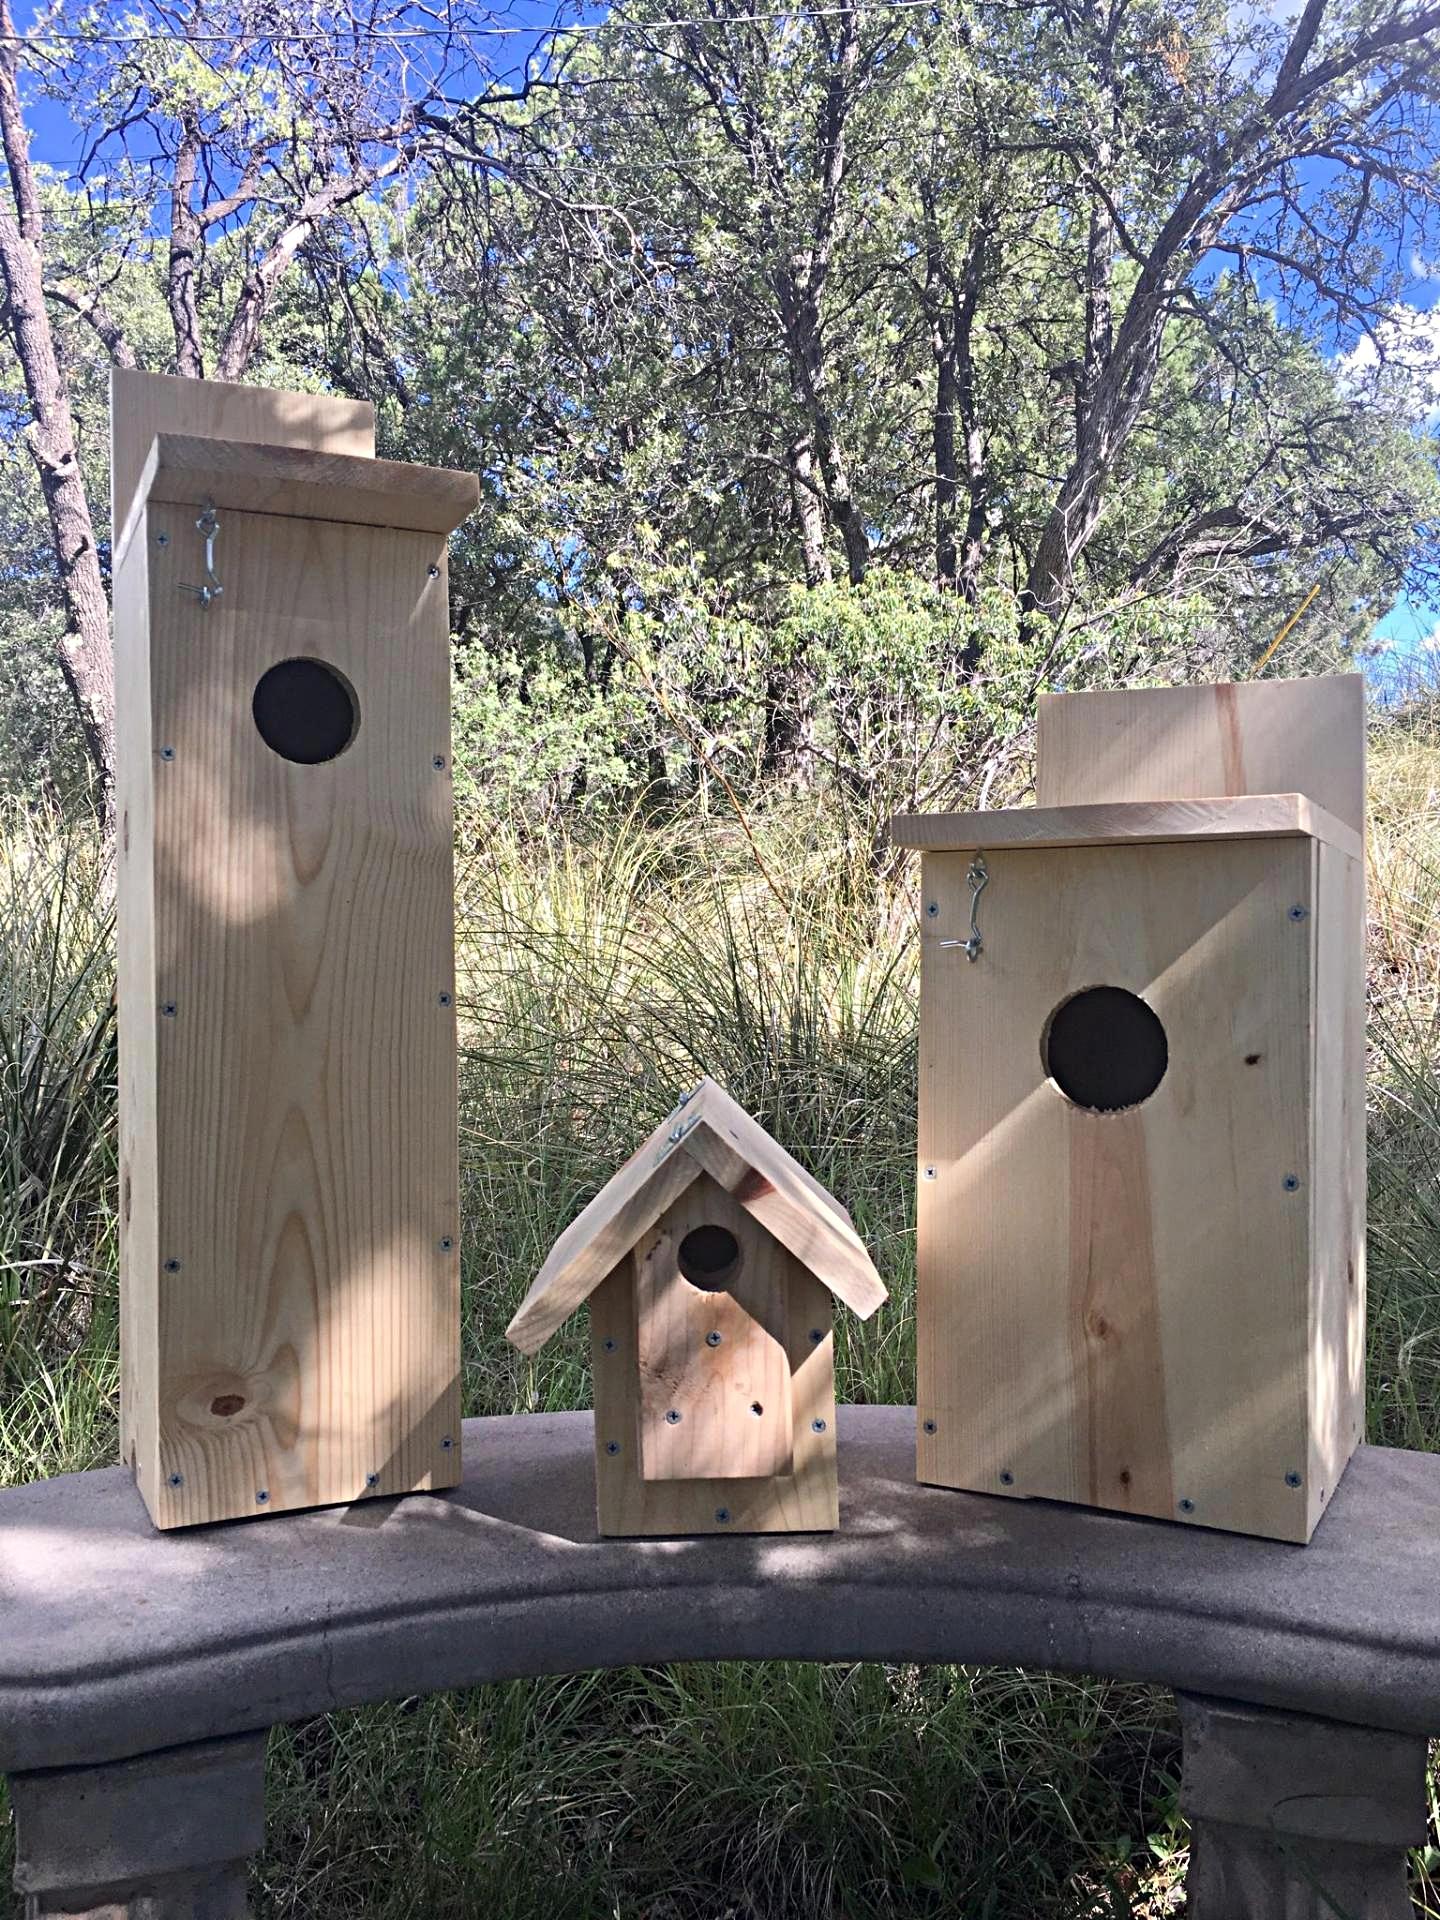 Left: Flicker Nest Box; Center: Song Bird Nest Box; Right: Owl Nest Box